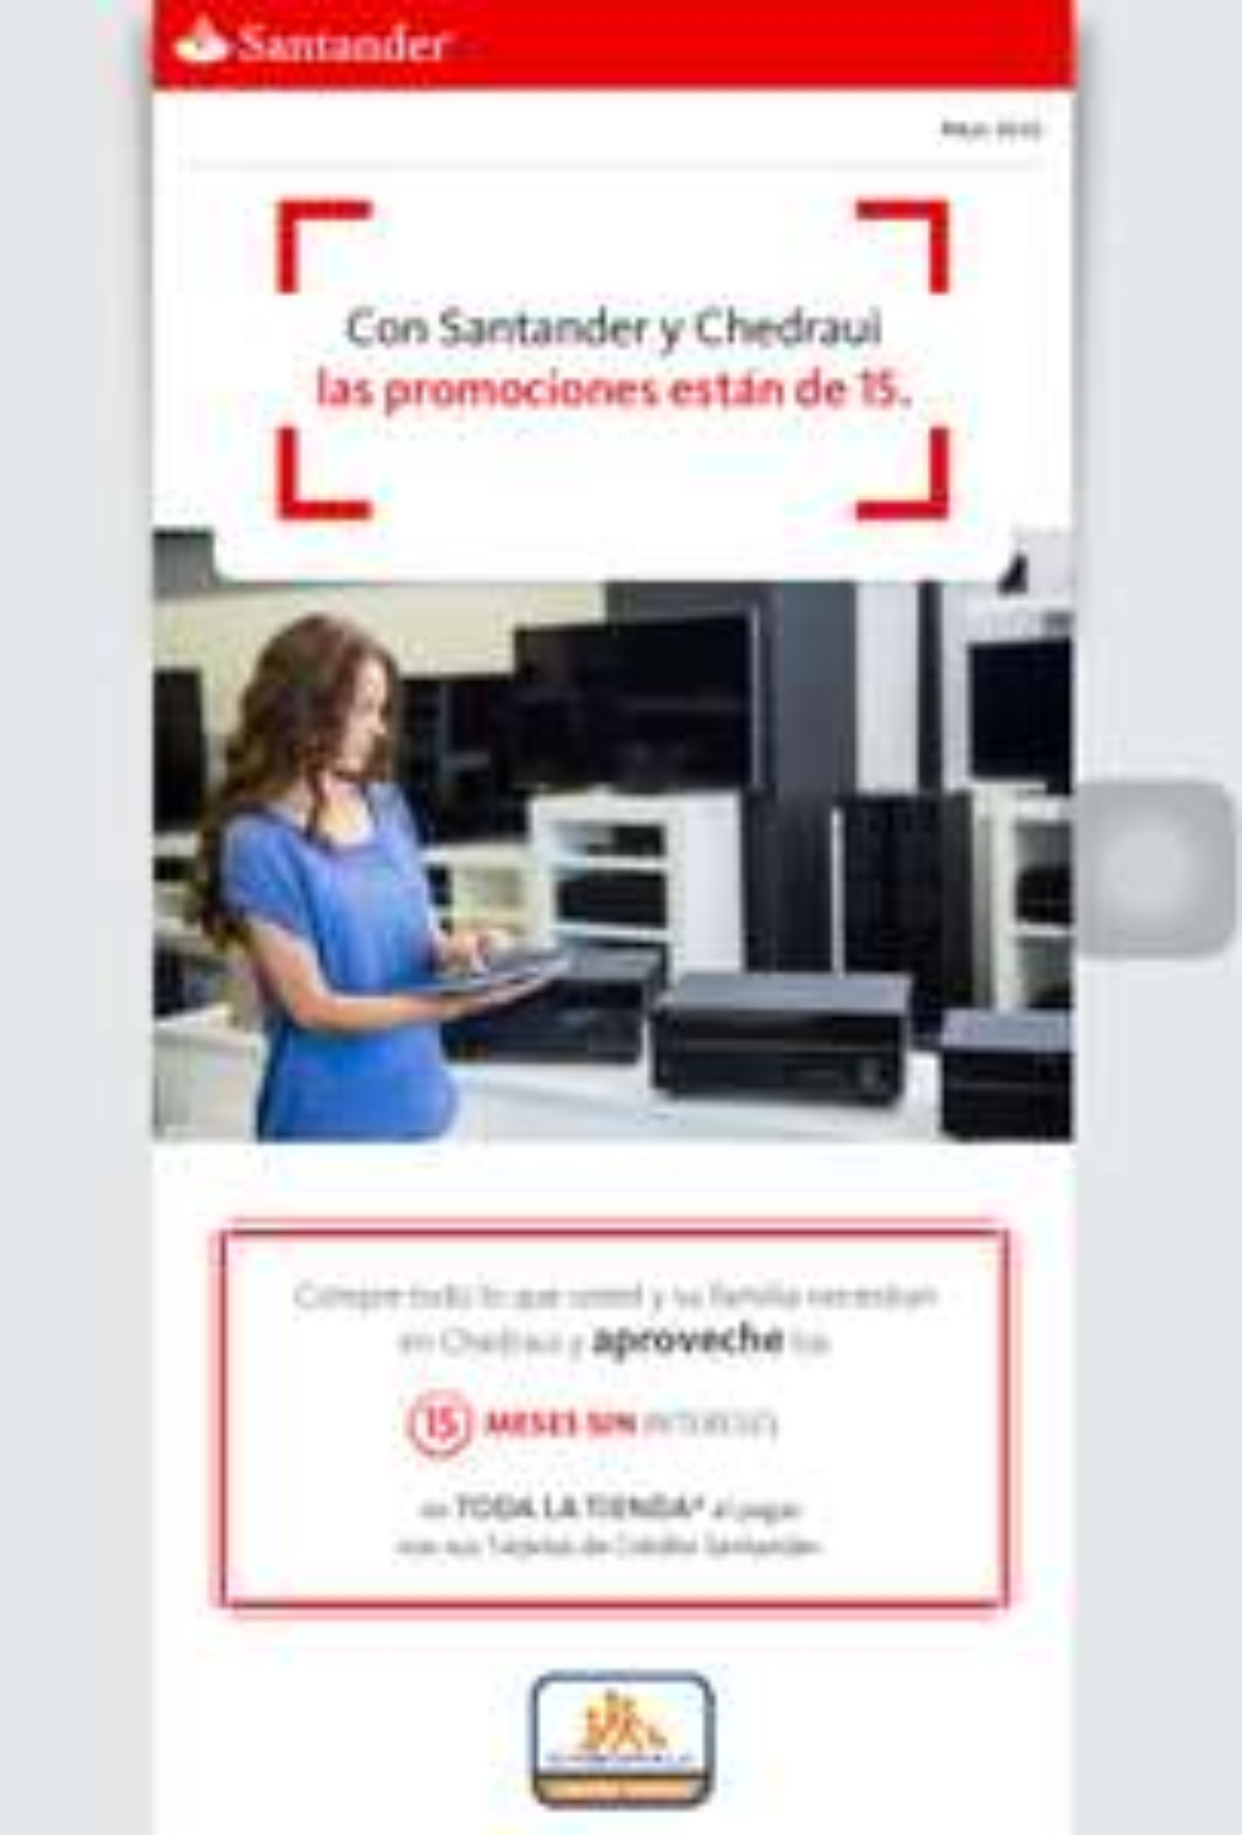 Chedraui: toda la tienda a 15 Meses Sin Intereses pagando con Santander